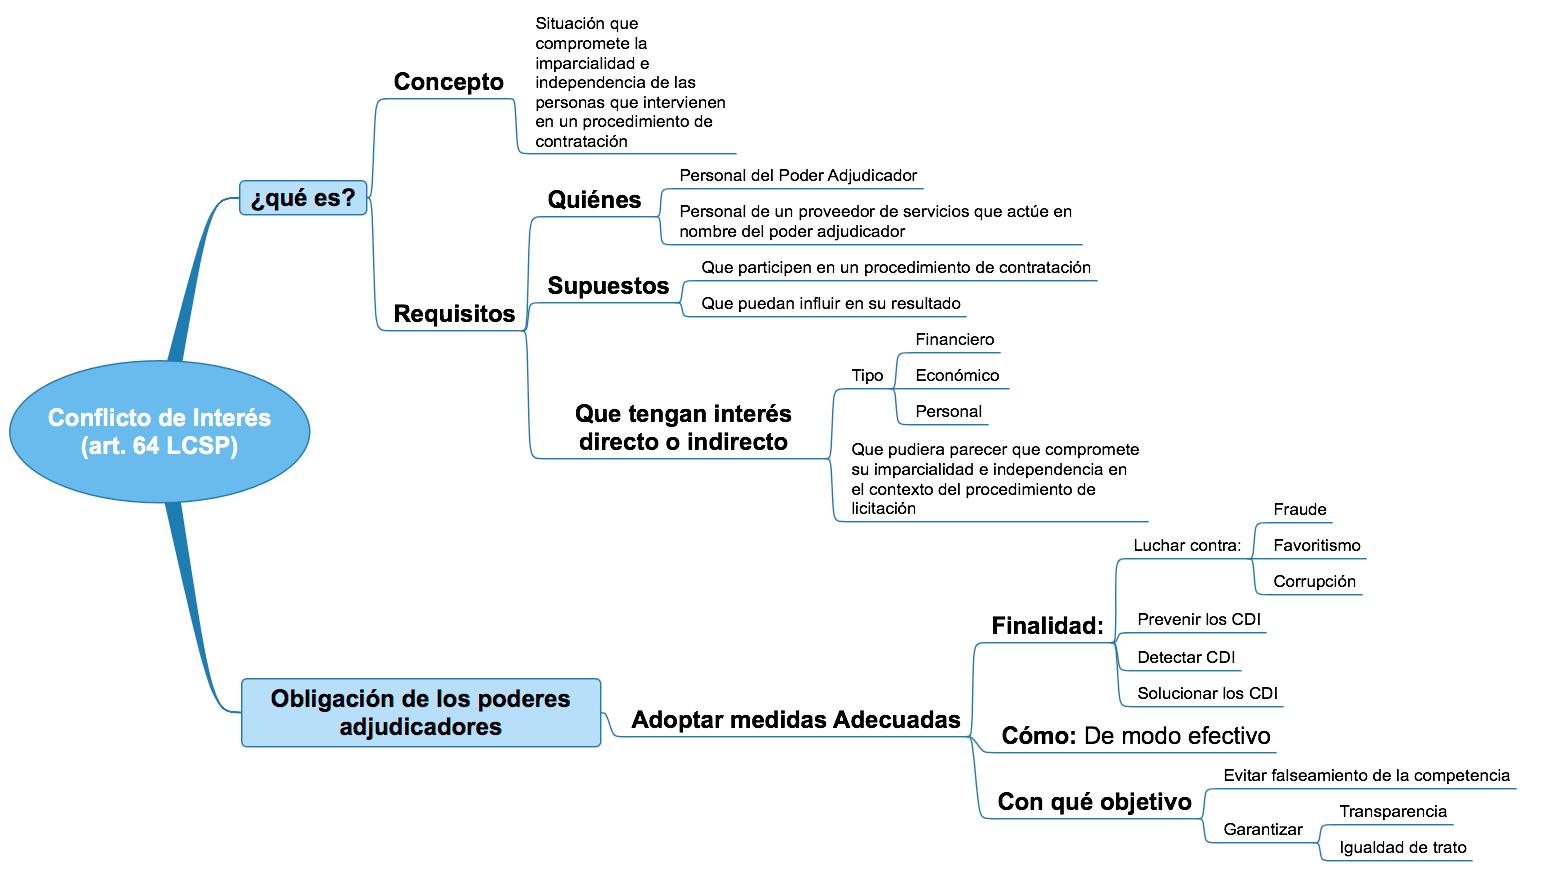 Diagrama Conflicto De Intereses Melián Abogados Contrato Oposicion Abogados